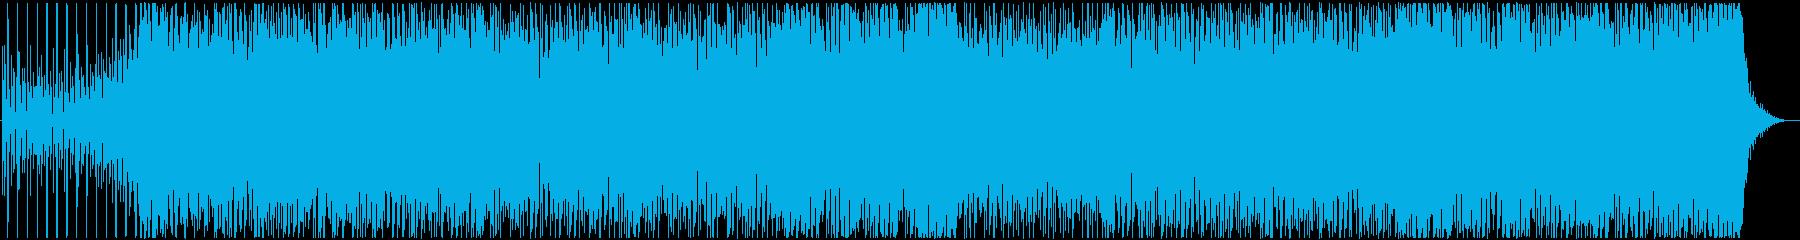 可愛らしいダンスポップ フル歌の再生済みの波形